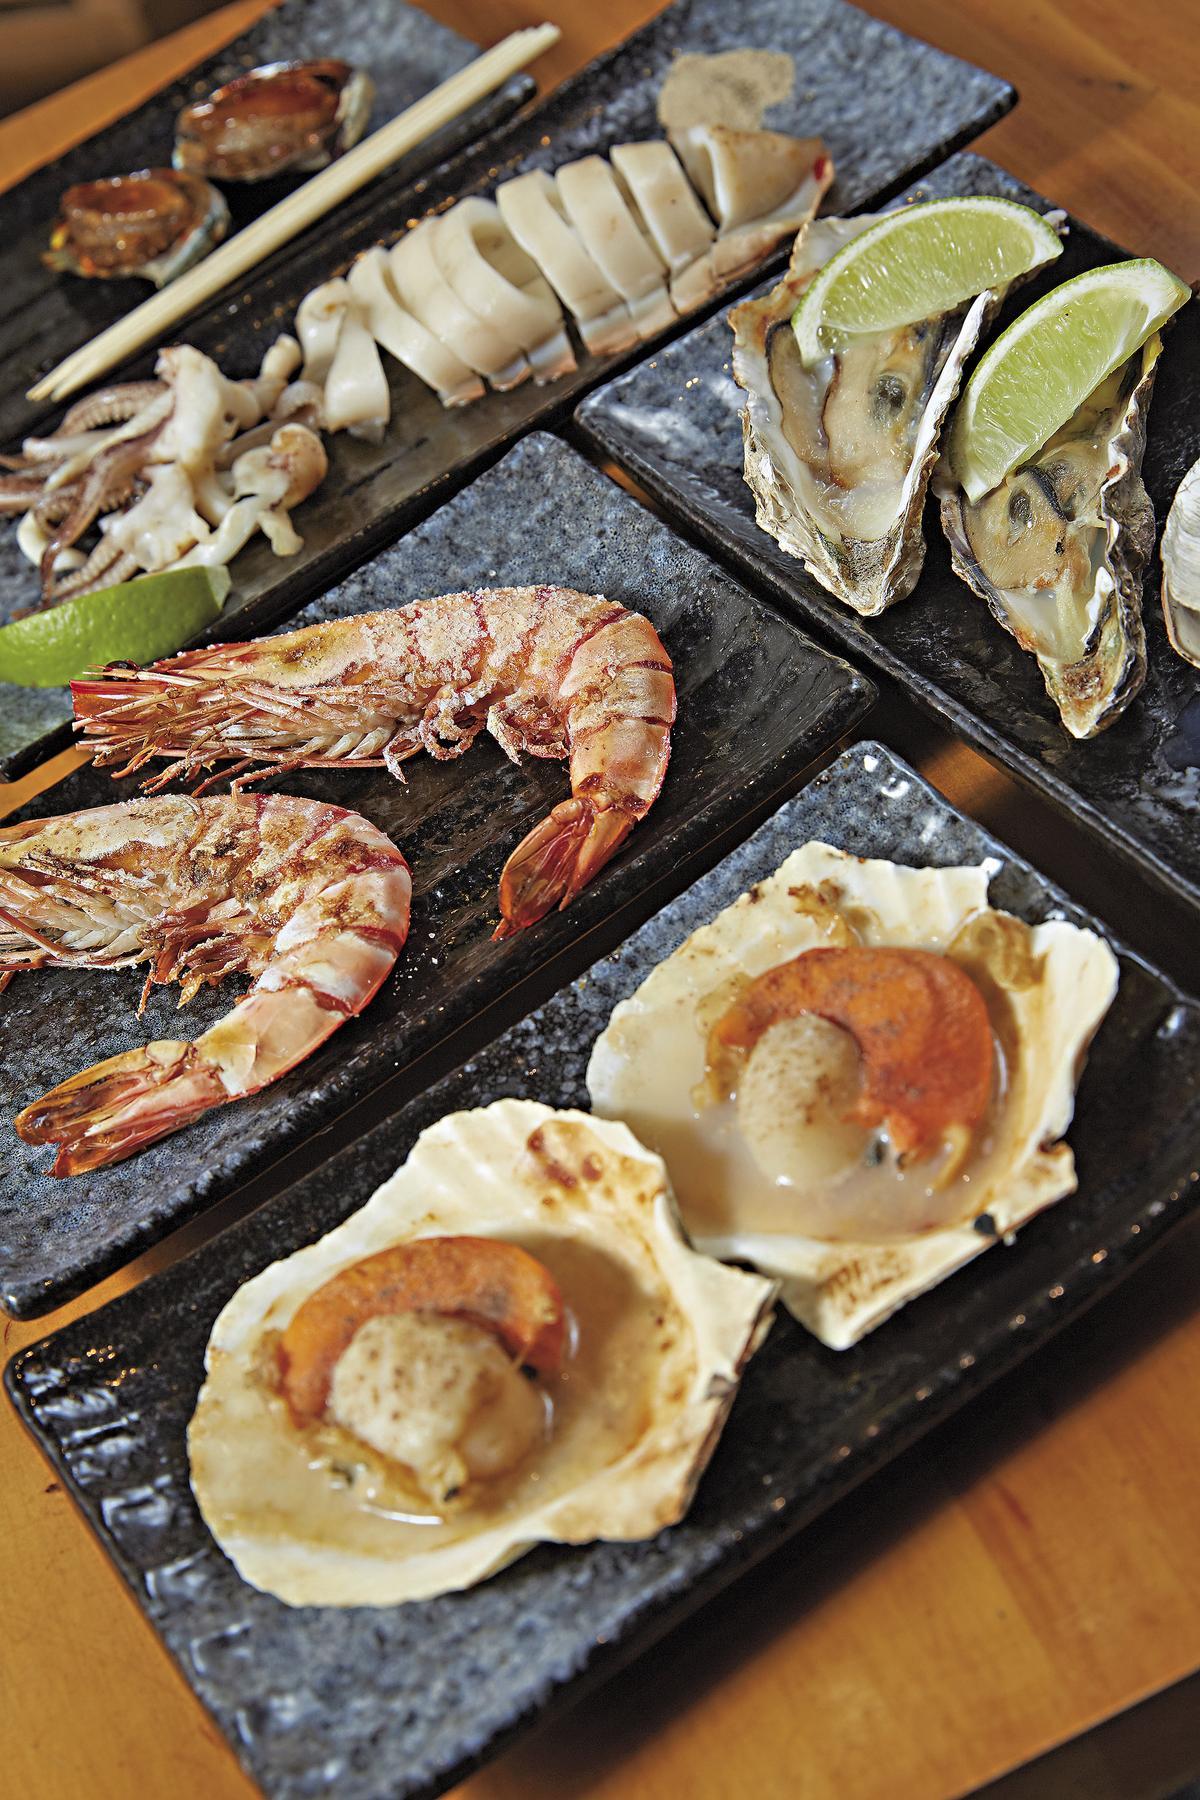 兩人份的「海鮮套餐」(799元),含軟絲、大蝦、生蠔、鮑魚、扇貝、海王螺、大蛤,分量十足。(原木燒烤海鮮)